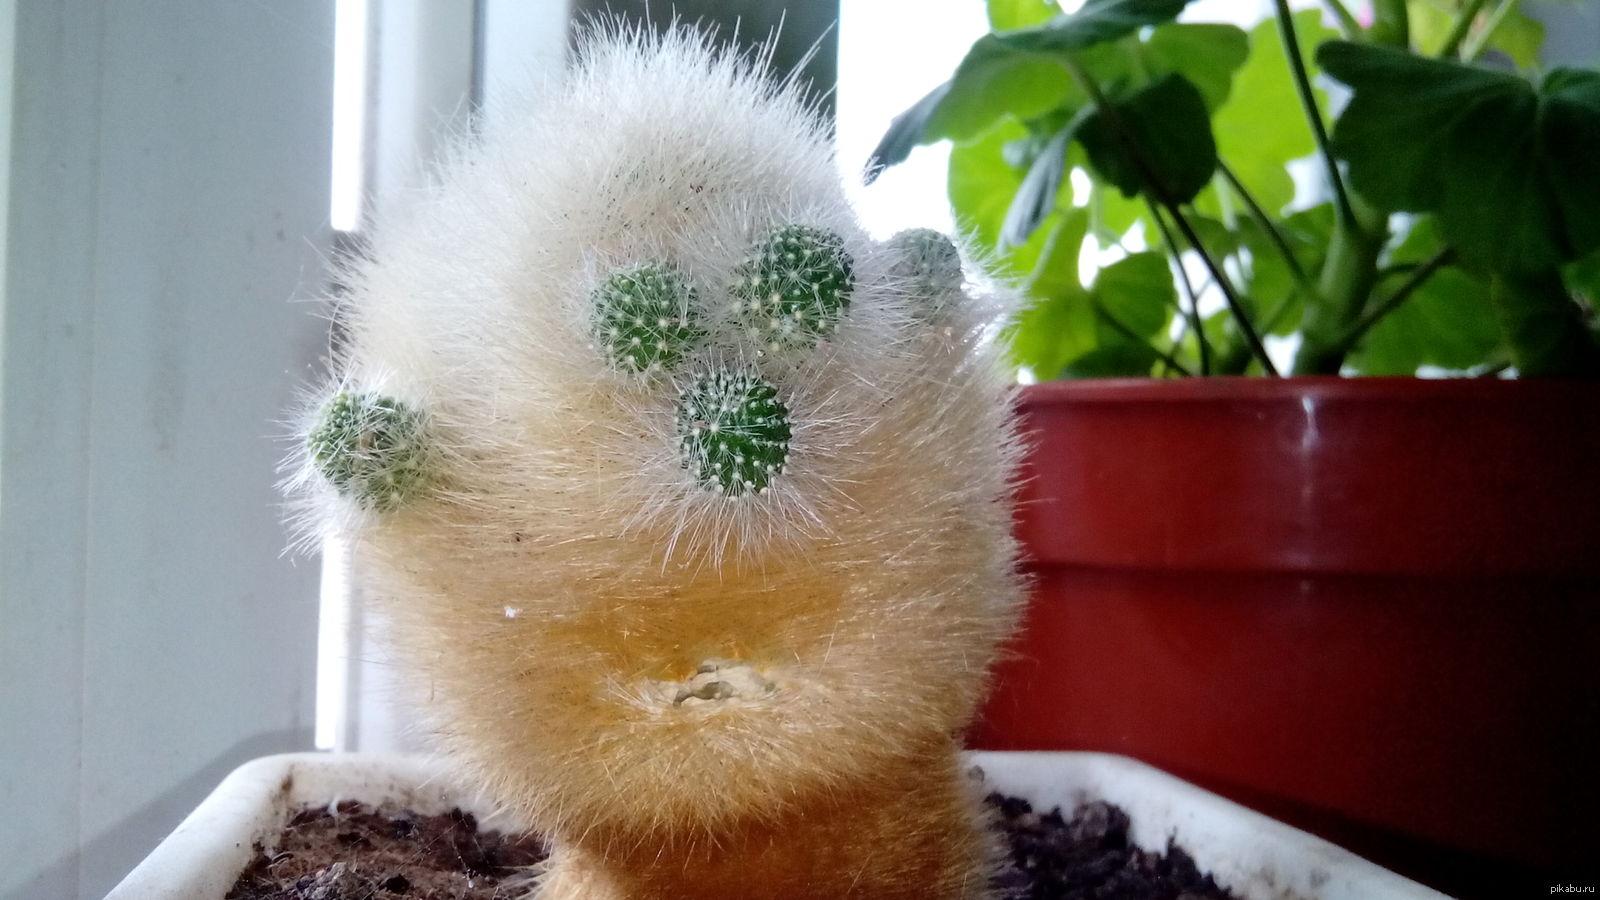 Комнатные растения прикольные картинки